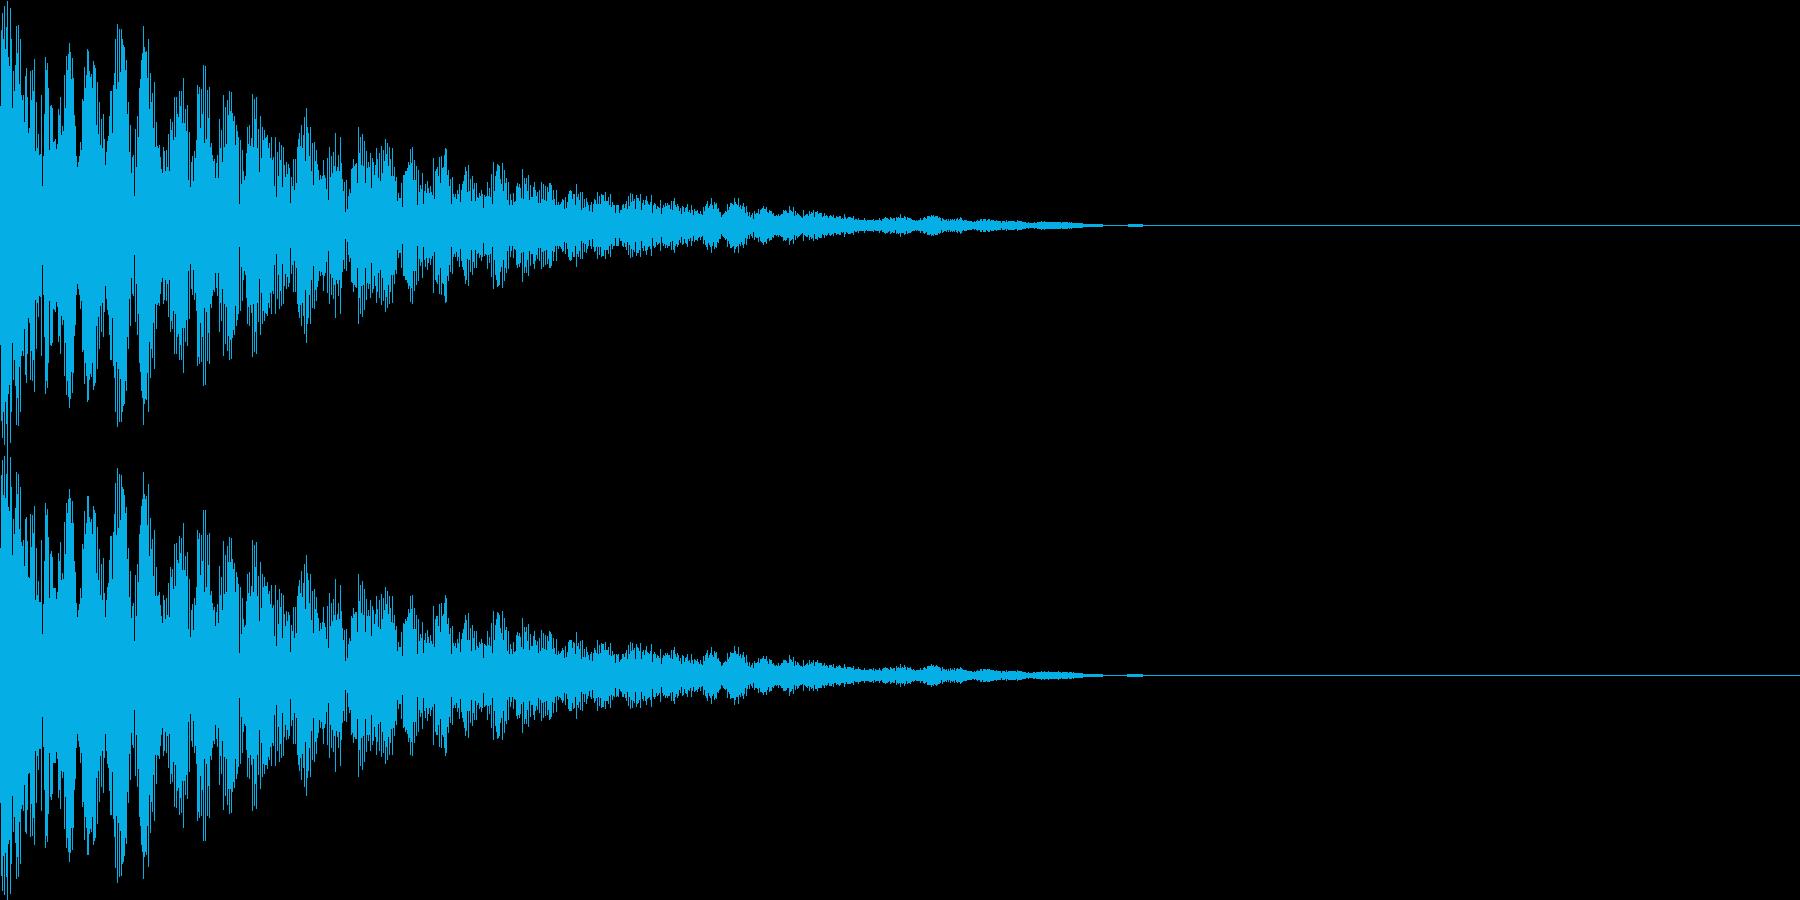 キン(金属のぶつかる音)の再生済みの波形